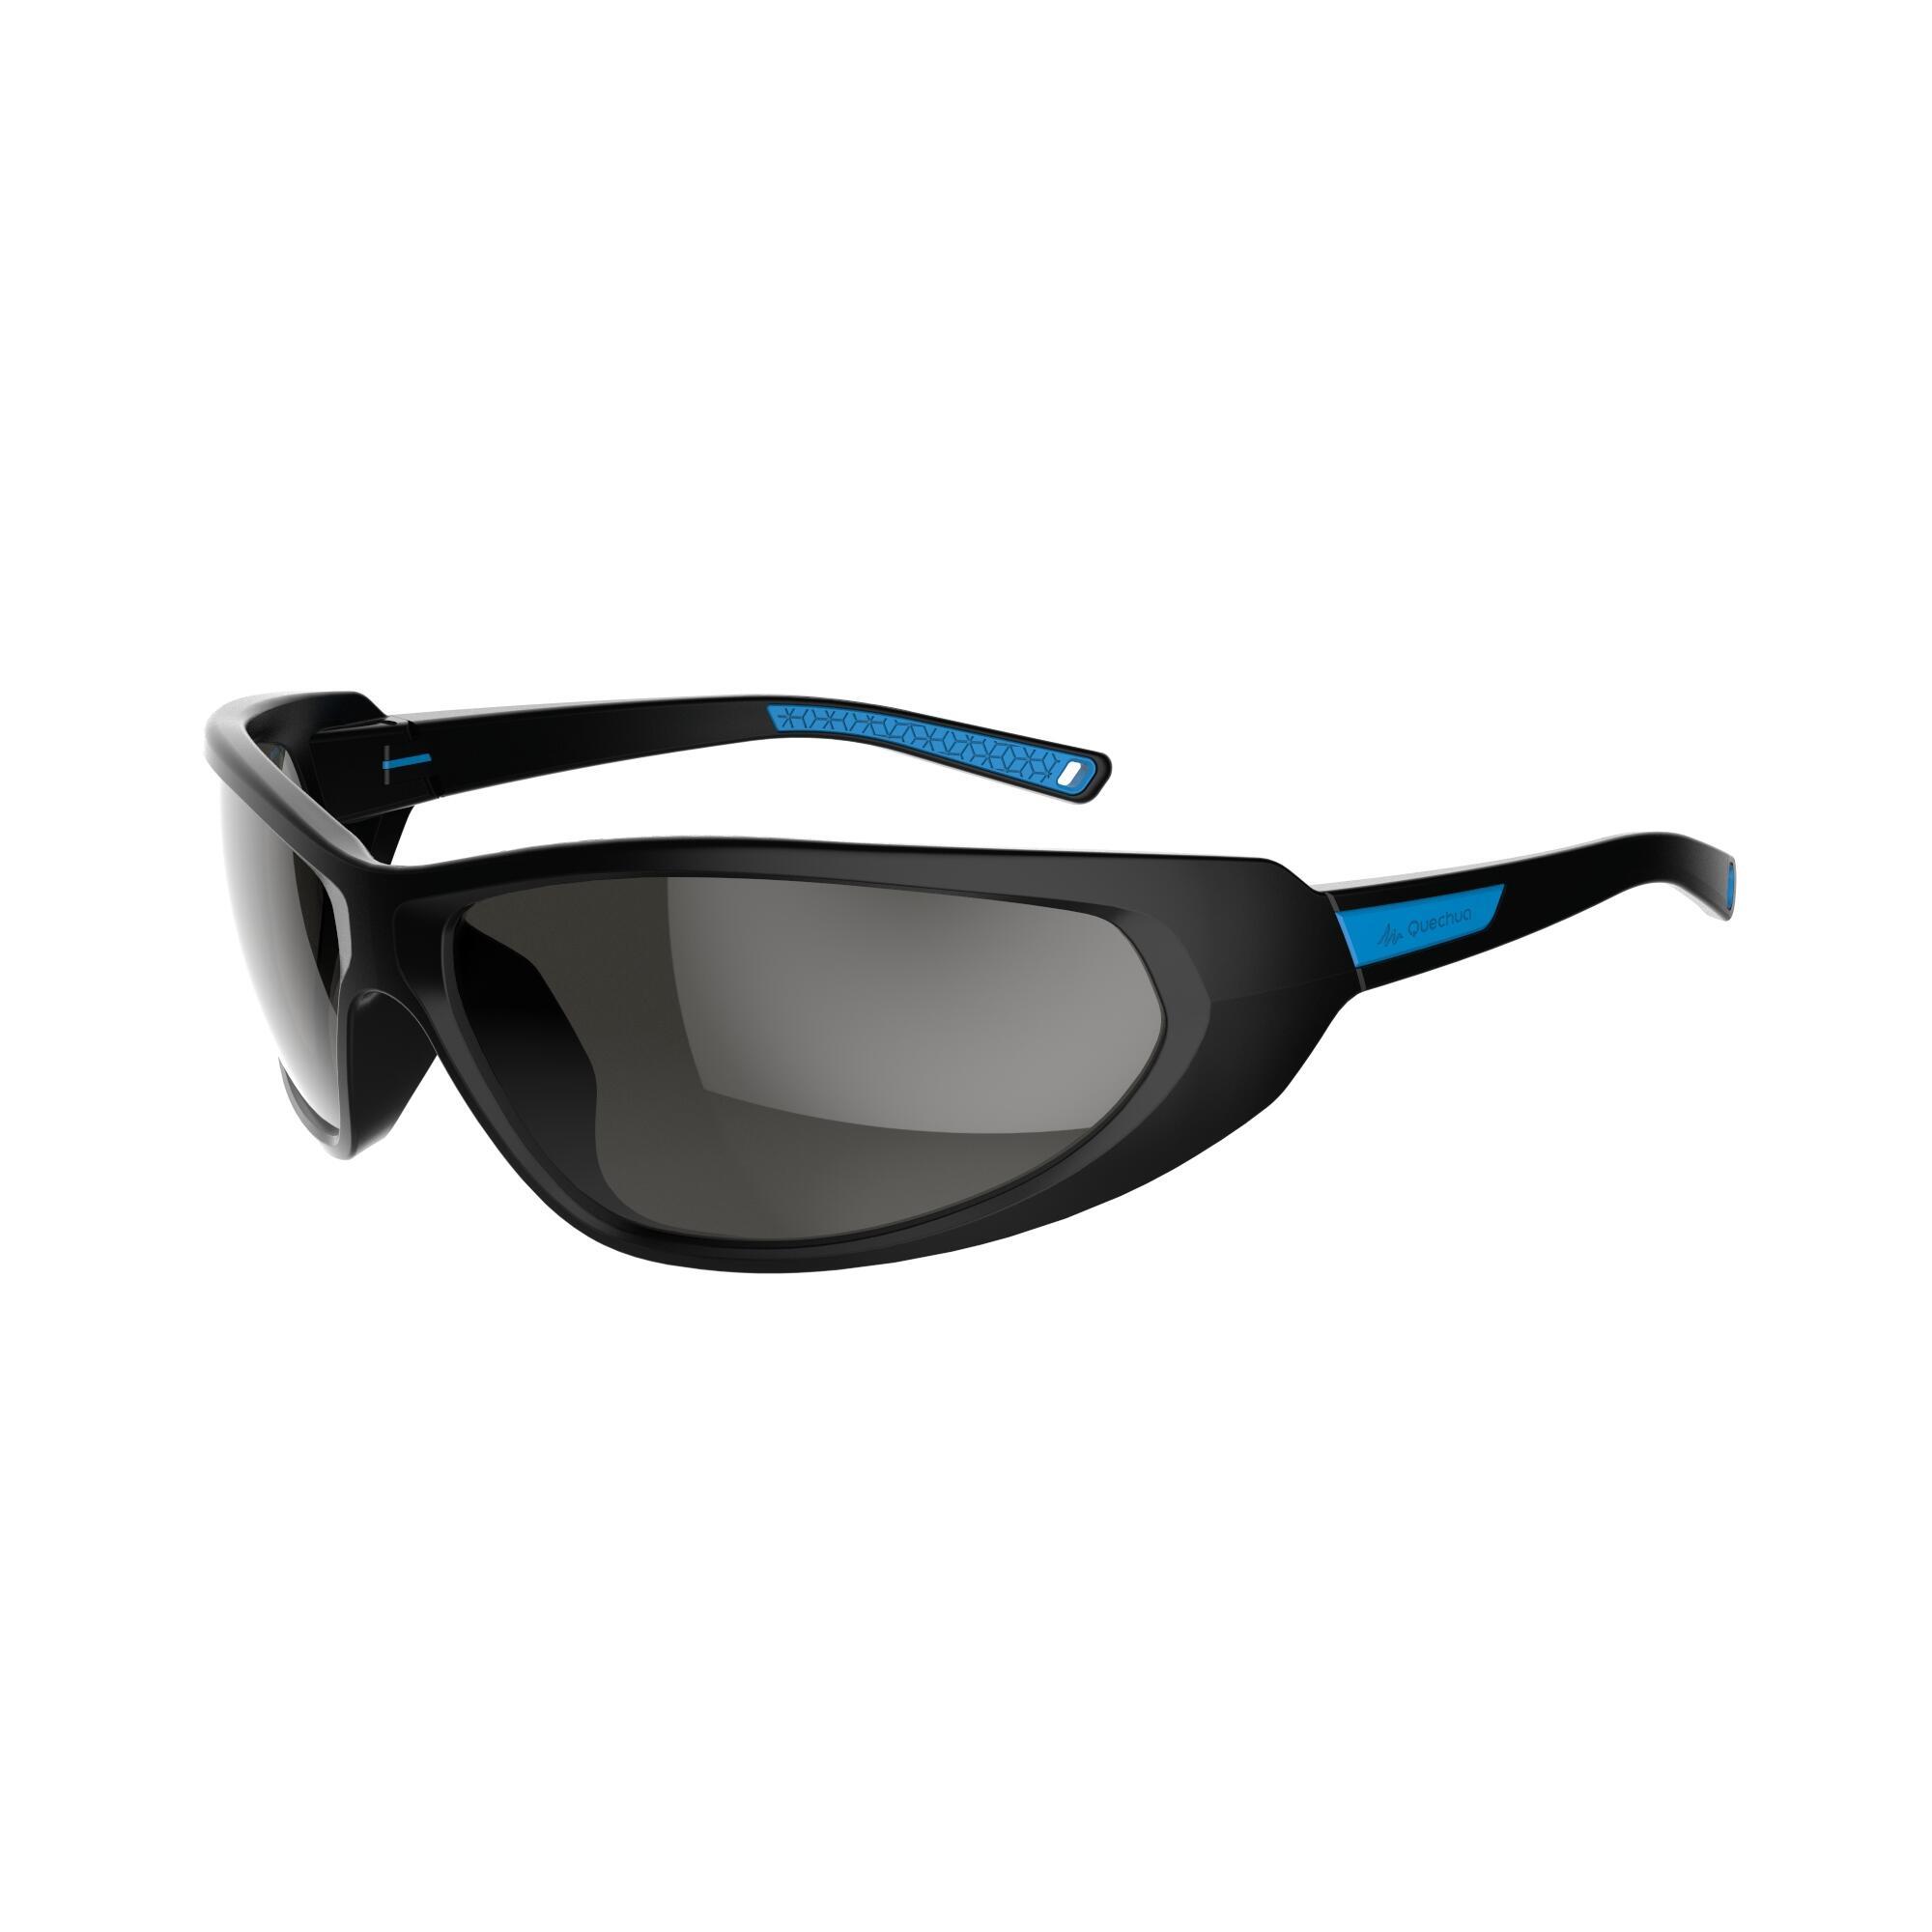 Lunettes de soleil de randonnée adulte MH 510 noires et bleues catégorie 4